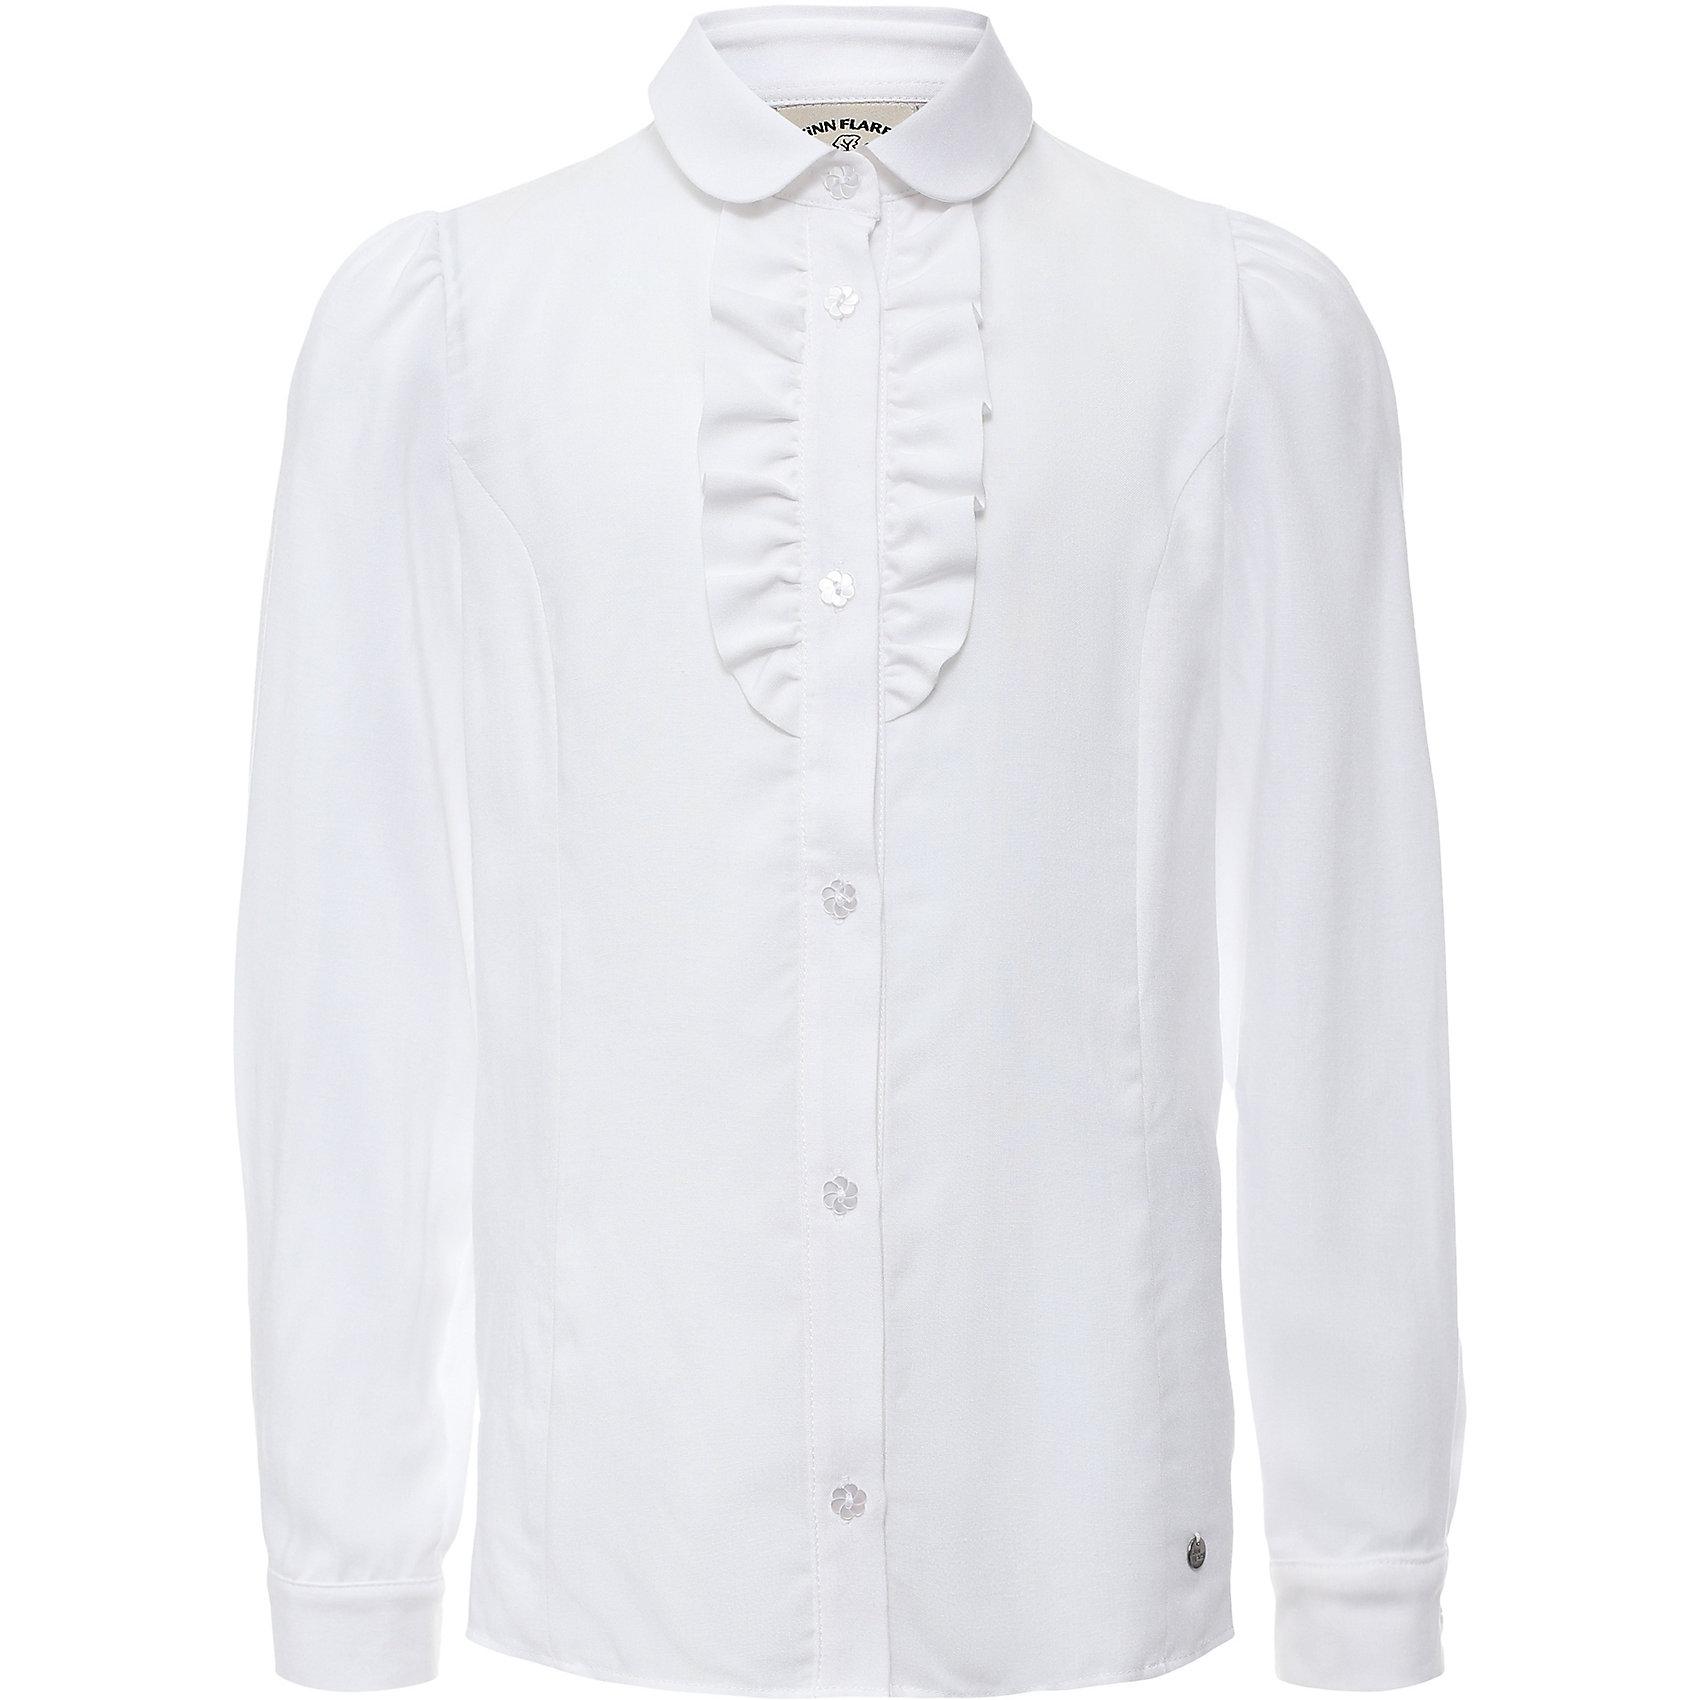 Блузка для девочки Finn FlareБлузка для девочки известной марки Finn Flare.<br><br>Школьная блузка для девочки украшена волнами у ворота, имеет декоративные пуговицы-цветочки. Блузка с длинными рукавами, которые имеют узкие манжеты на пуговичках. Рукава блузки можно подкатить – получится блузка с рукавами на 3/4. <br><br>Фактура материала: Текстильный<br>Вид застежки: Пуговицы<br>Длина рукава: Длинные<br>Тип карманов: Без карманов<br><br>Состав: 95% вискоза, 5% эластан<br><br>Блузку для девочки Finn Flare можно купить в нашем интернет-магазине.<br><br>Ширина мм: 186<br>Глубина мм: 87<br>Высота мм: 198<br>Вес г: 197<br>Цвет: белый<br>Возраст от месяцев: 120<br>Возраст до месяцев: 132<br>Пол: Женский<br>Возраст: Детский<br>Размер: 146,116,158,152,140,134,128,122<br>SKU: 4890167